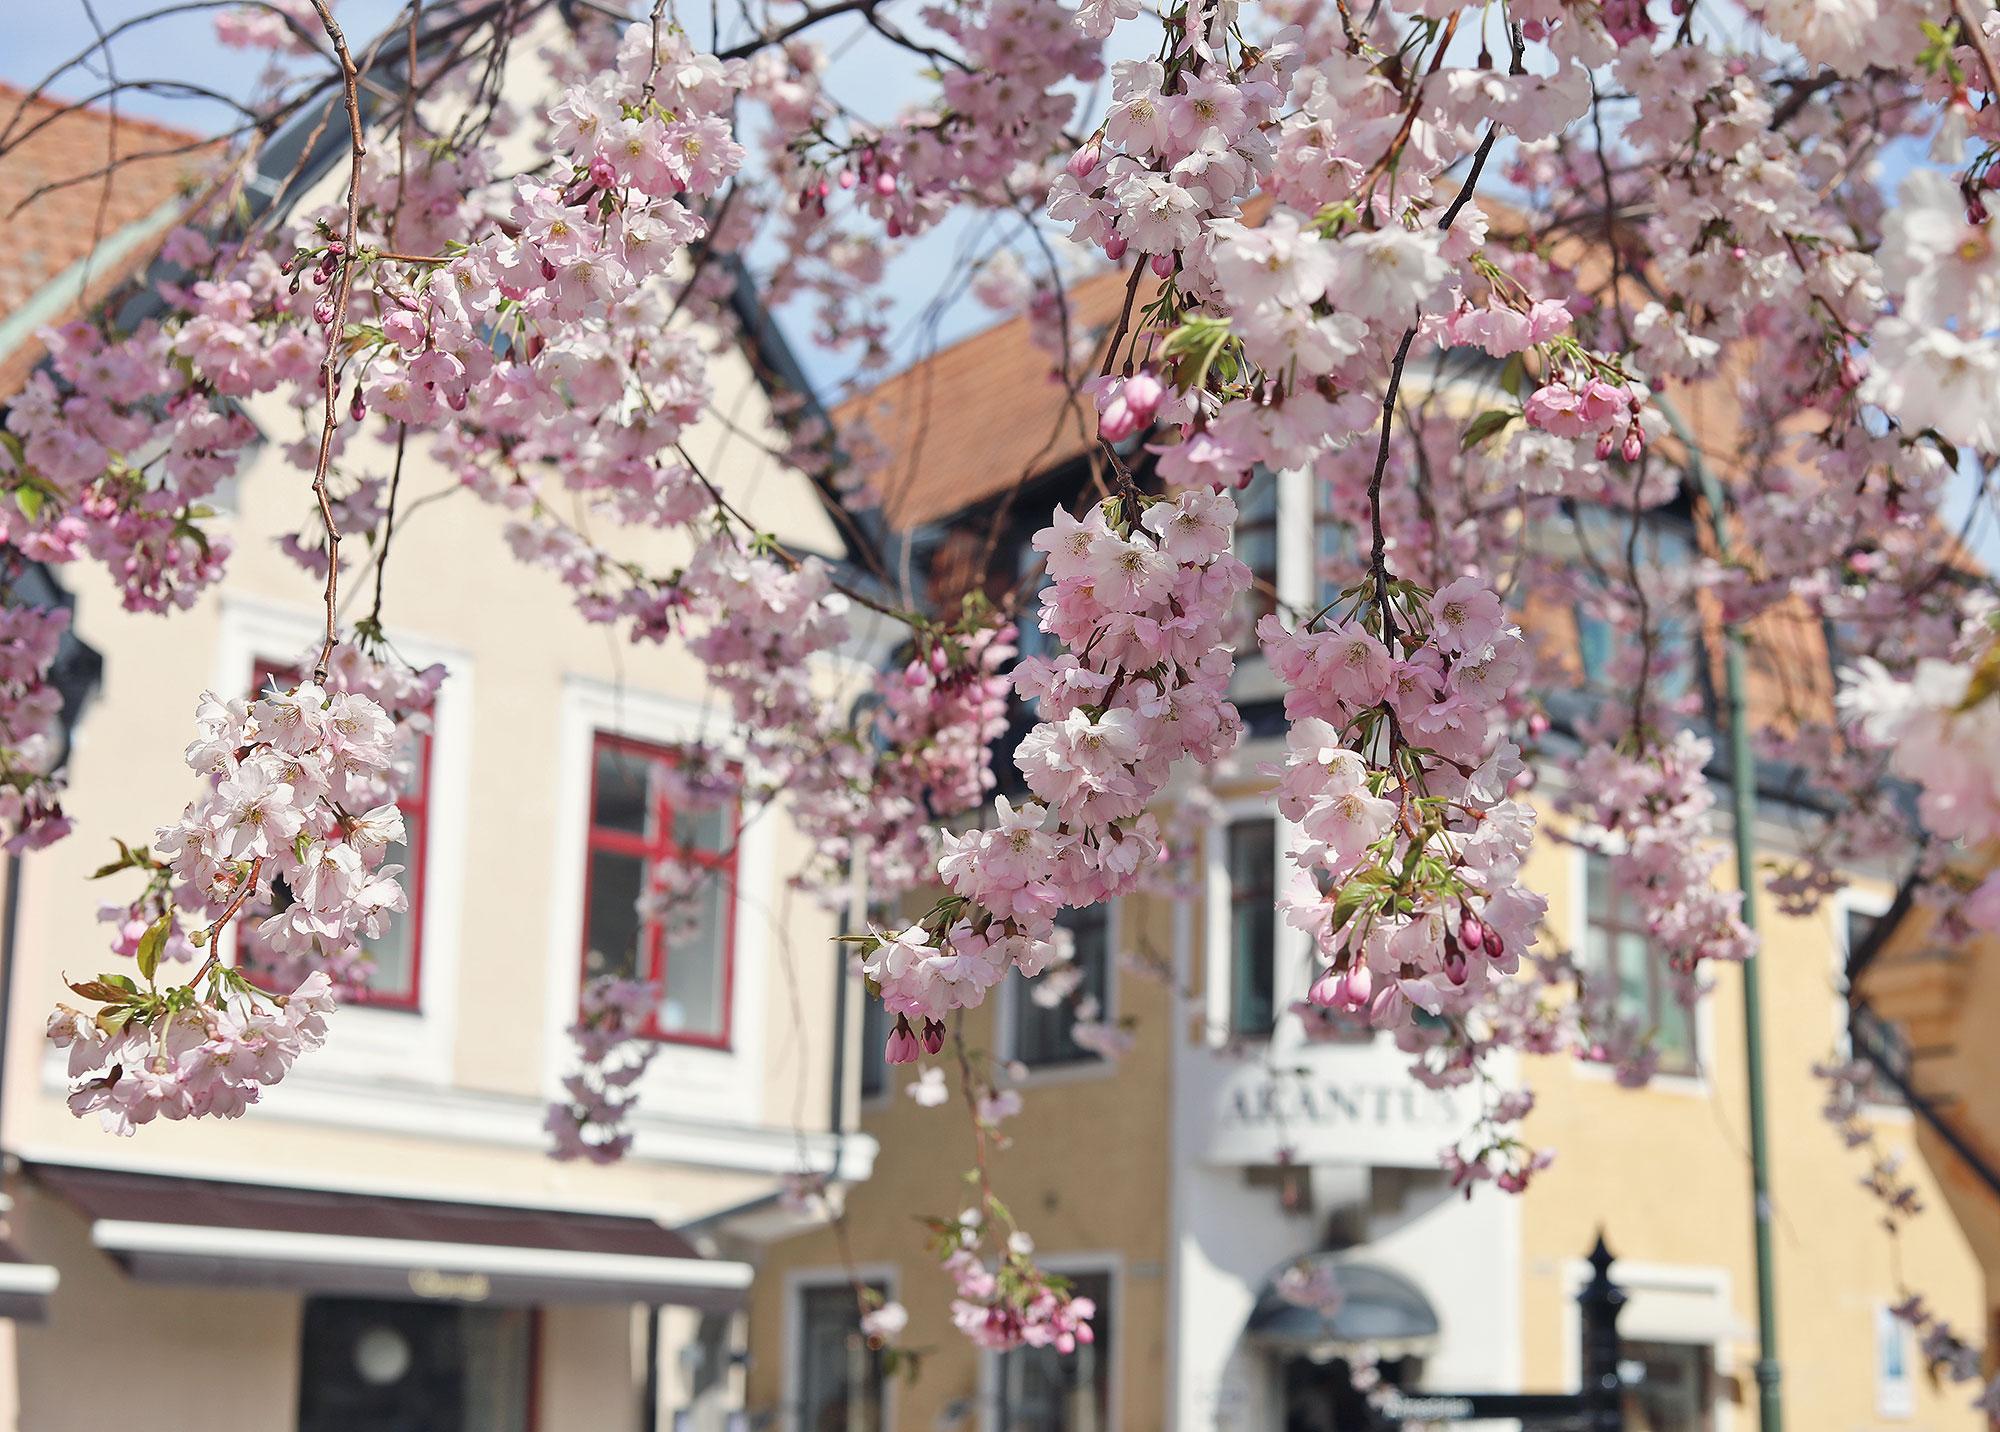 visby gotland körsbärsträd rosa blommor hus april maj vår akantus